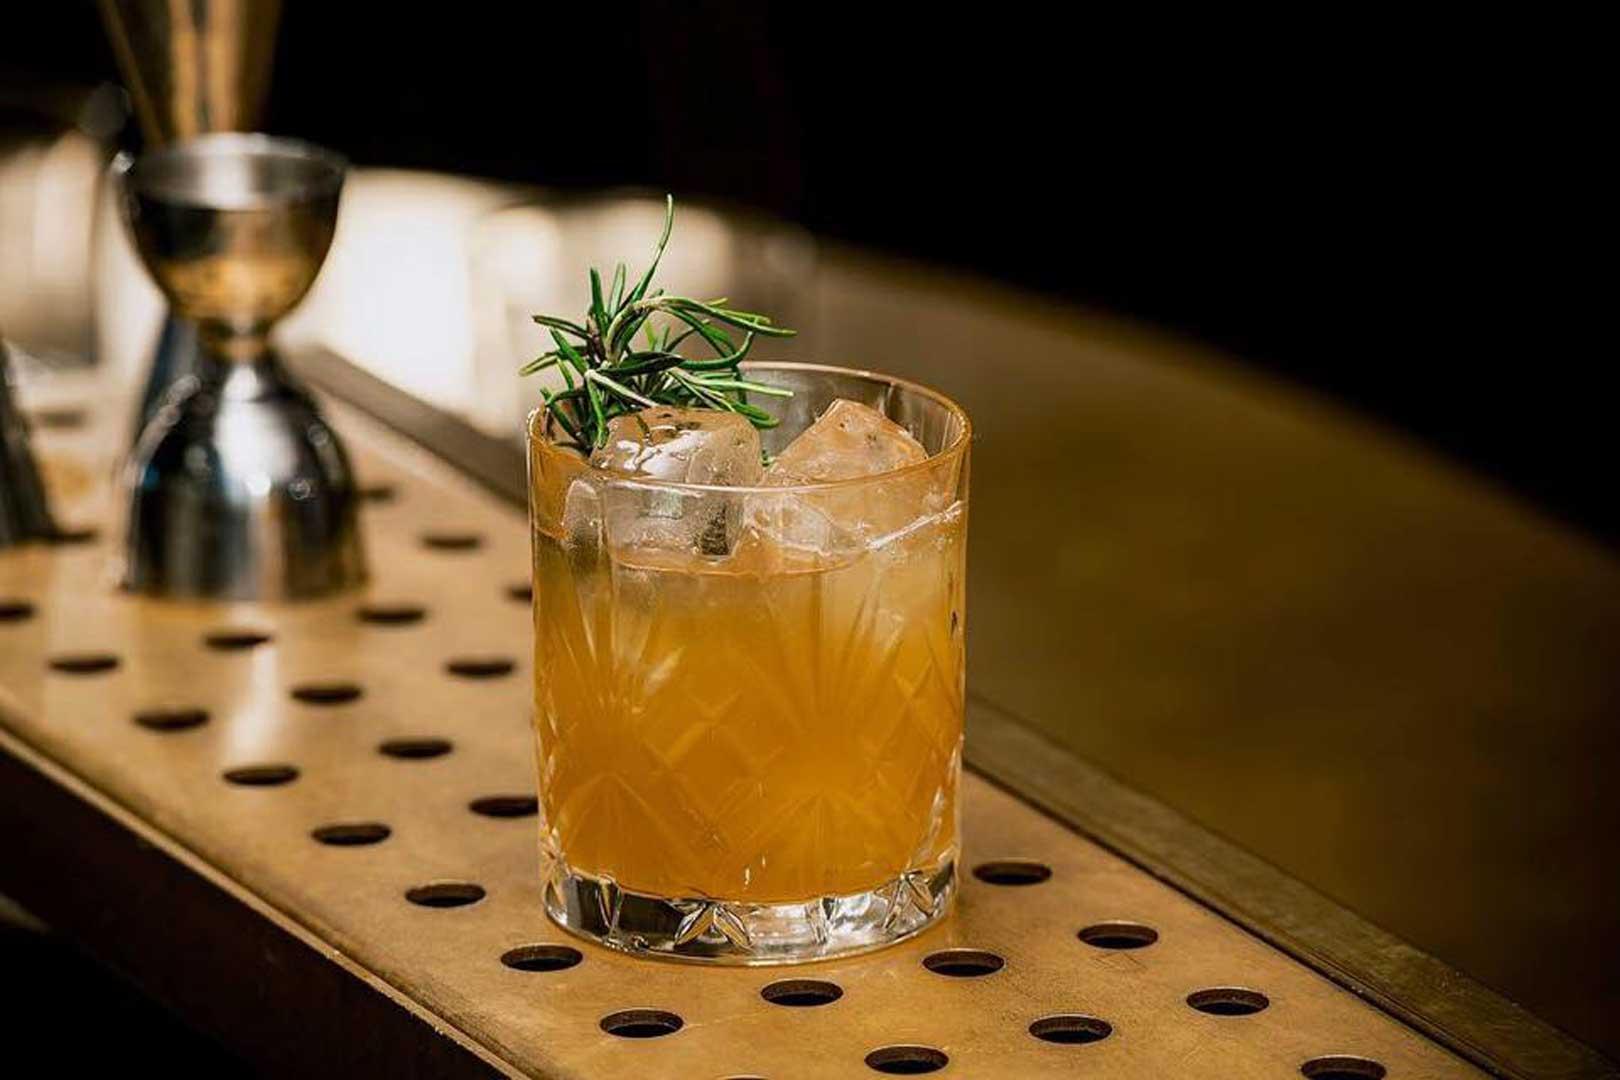 I 10 migliori cocktail bar in Porta Venezia - Dry